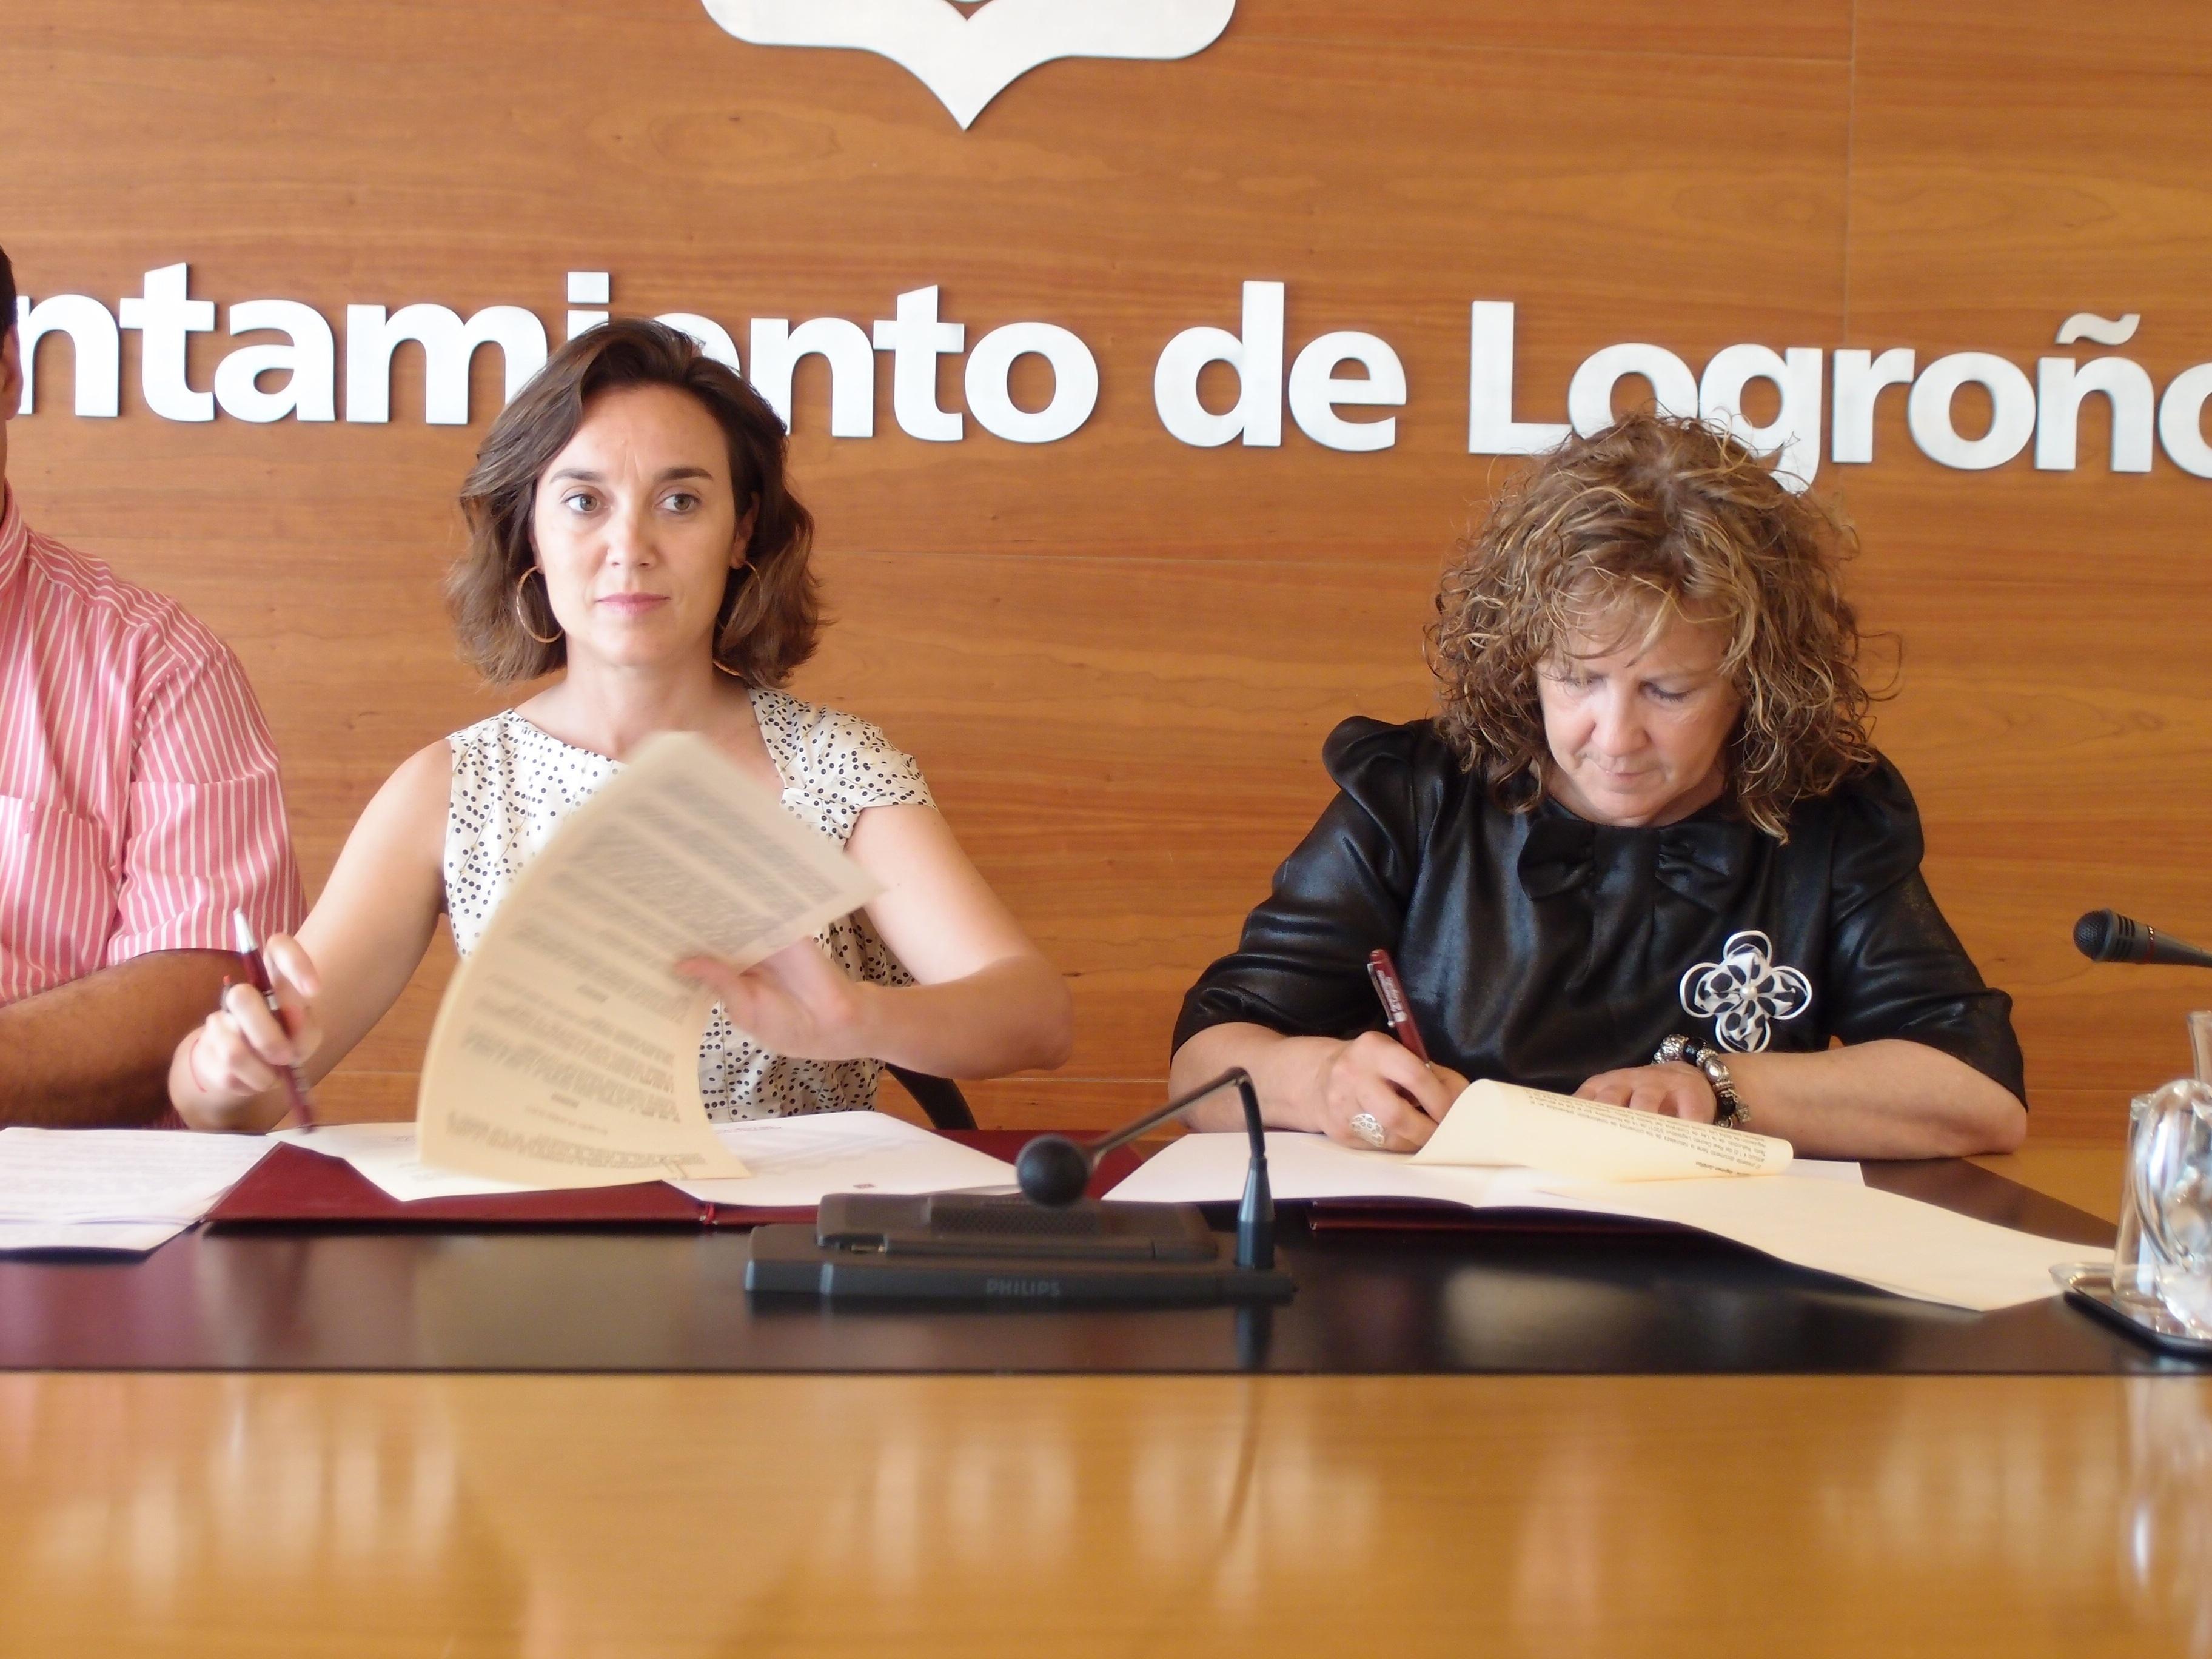 Ayuntamiento de Logroño y CERMI renuevan su colaboración en el IV Plan Municipal de Personas con Discapacidad